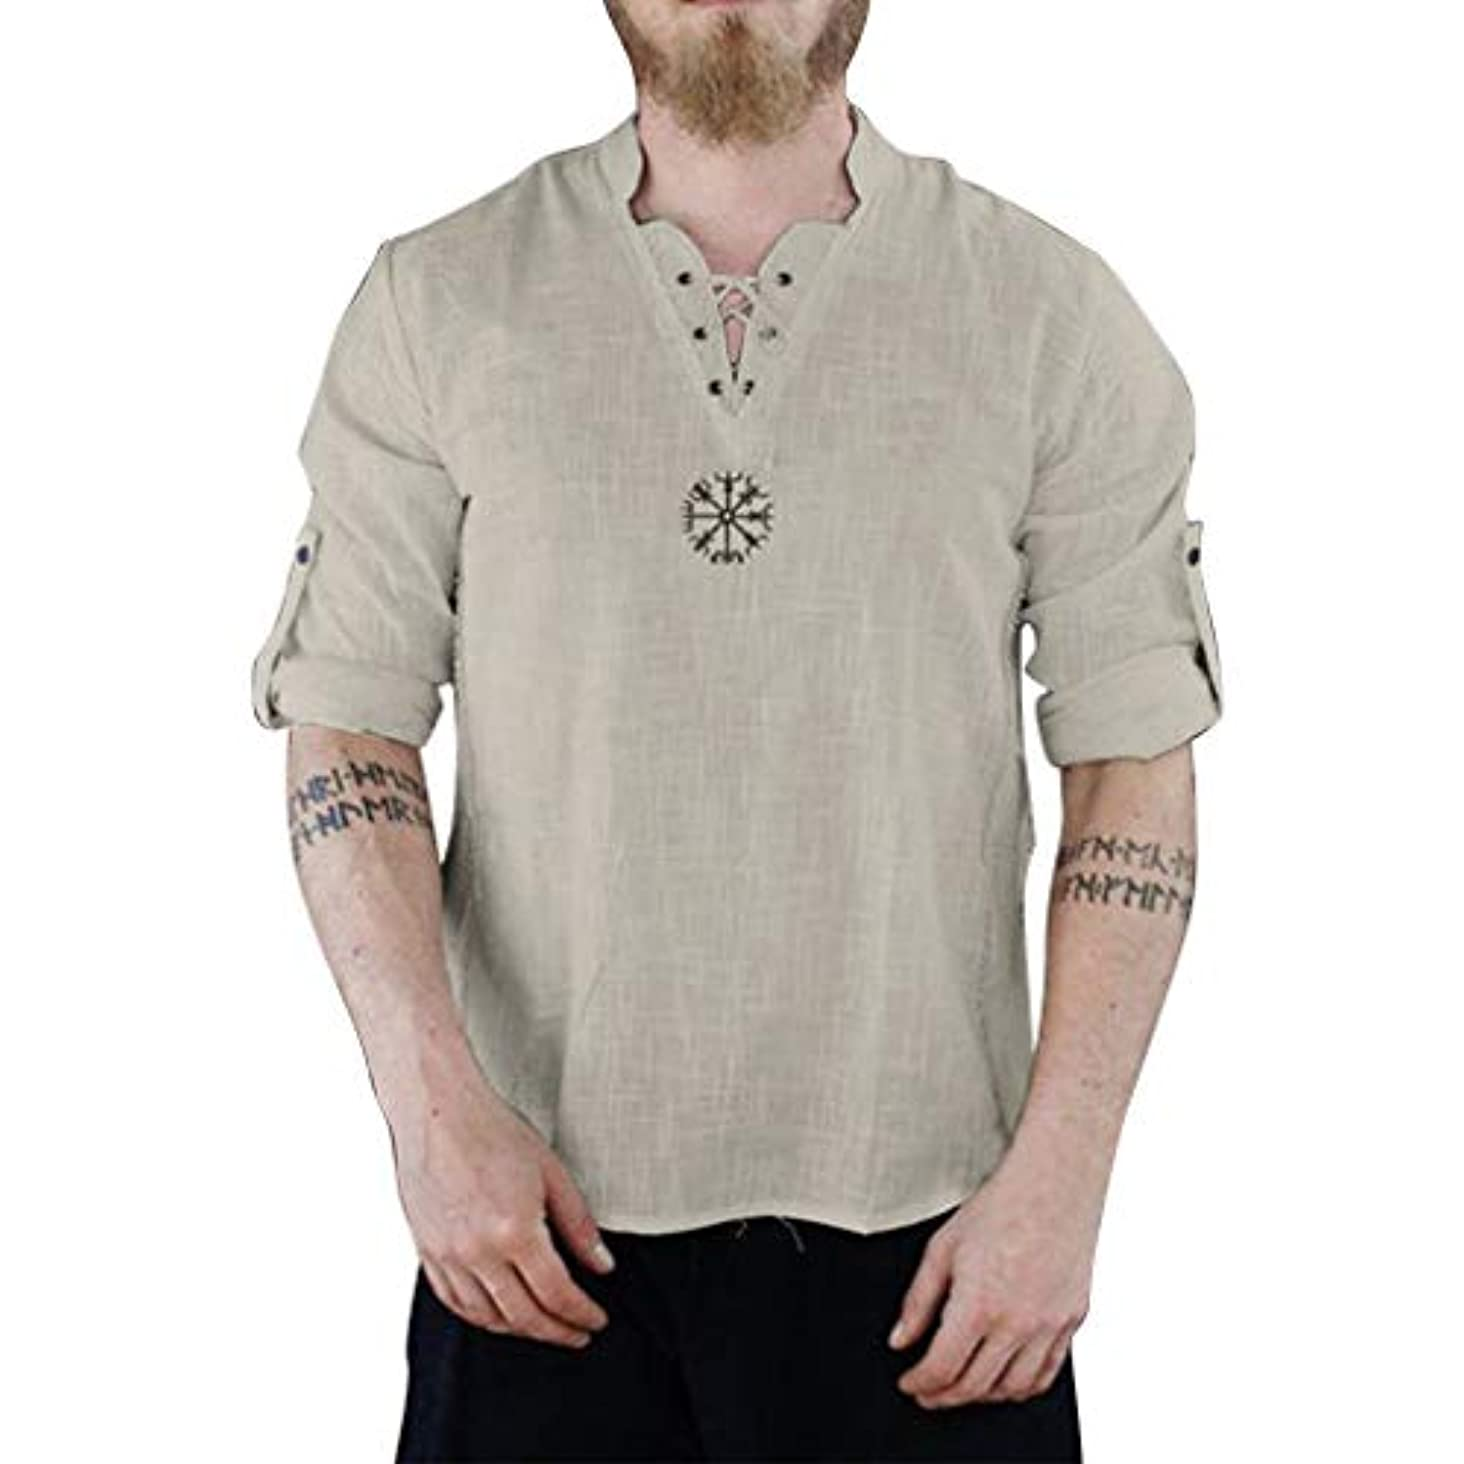 内側ナチュラル上陸メンズ Tシャツ ティーシャツ OD企画 男性 丸首 Tシャツ ファッション おしゃれ プリント 夏服 メンズ ストーリート系 シンプル 半袖 速乾 軽薄 通気 上着 お出かけ ヒップホップ風 トップス 個性的 旅行 普段着...